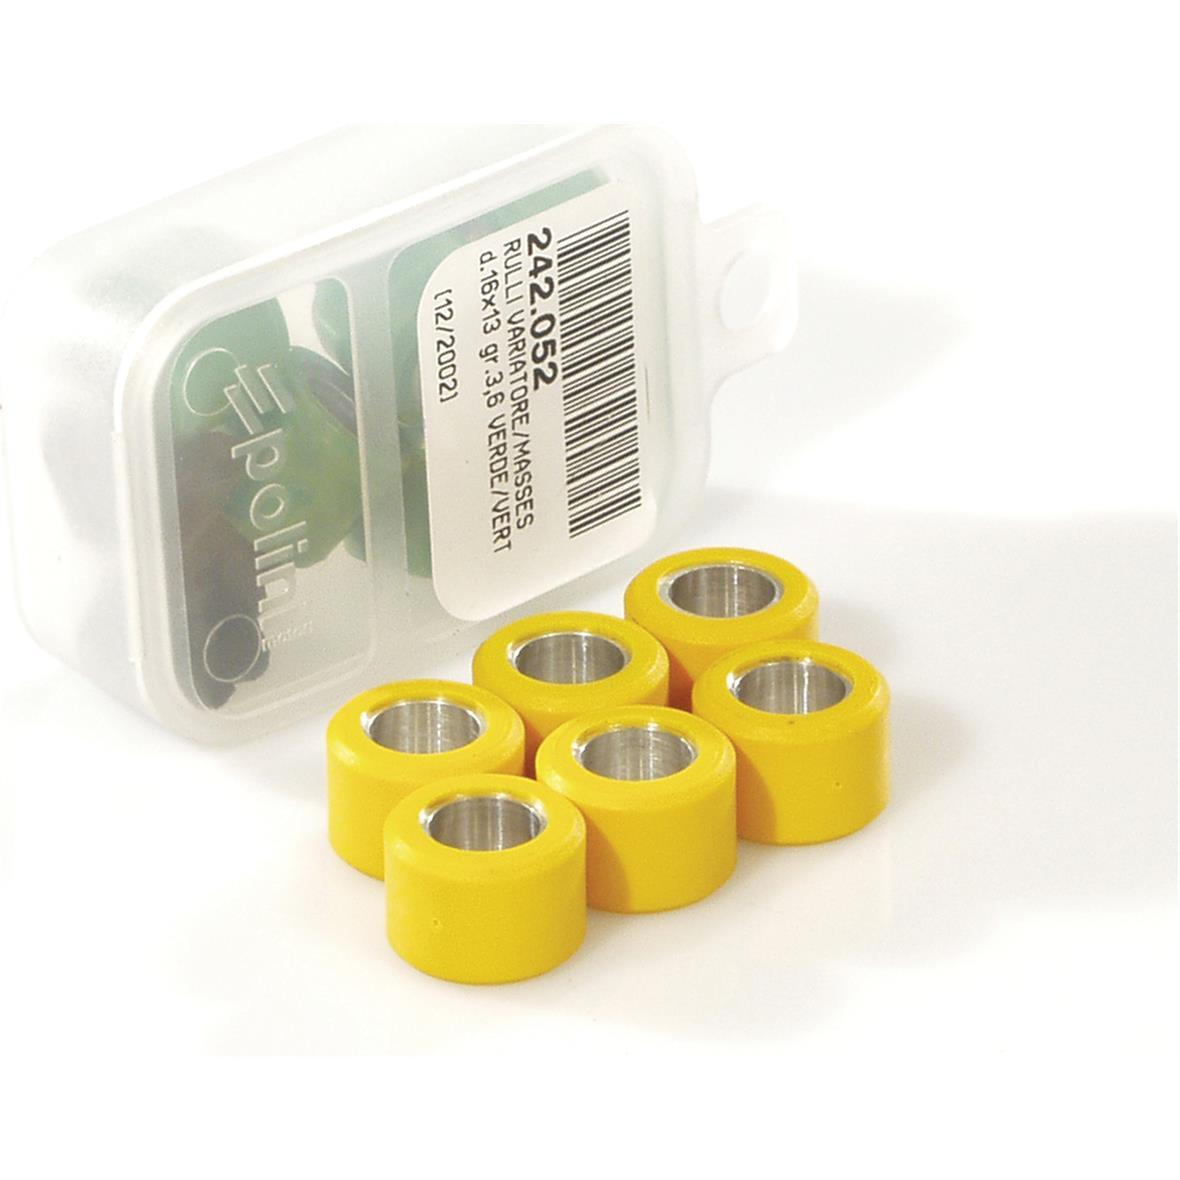 Produktbild für 'Variatorrollen POLINI 15x12 mm 7,4g'